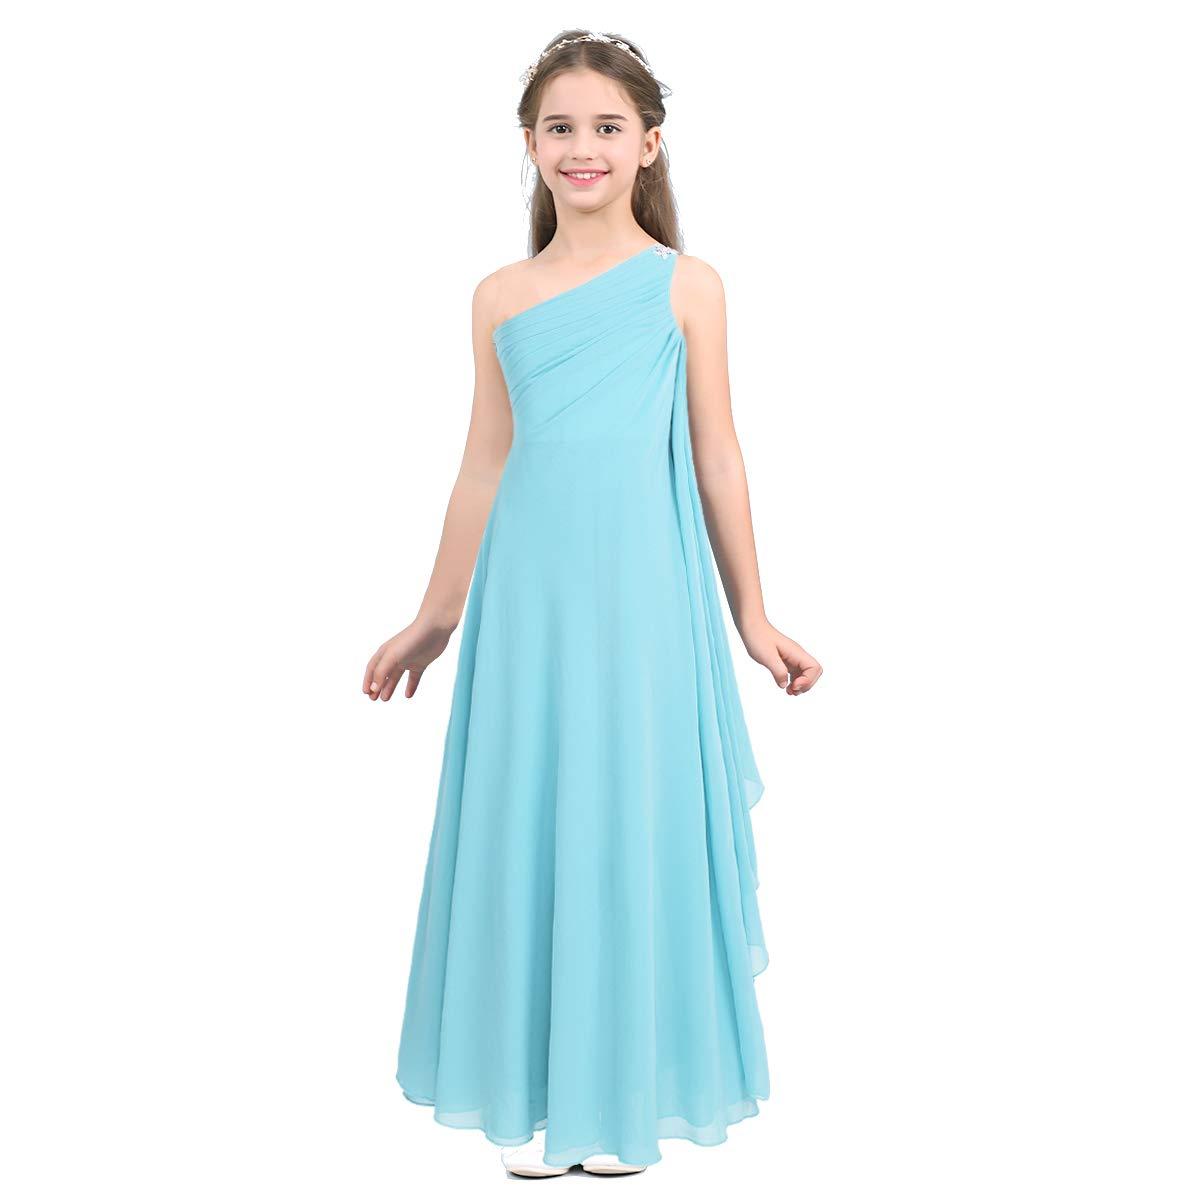 IEFIEL Vestidos Niñas Sin Mangas Vestido de Fiesta Princesa Gasa Bautizo Boda para Niña Vestido Comunion Ceremonia (6-14 Años)